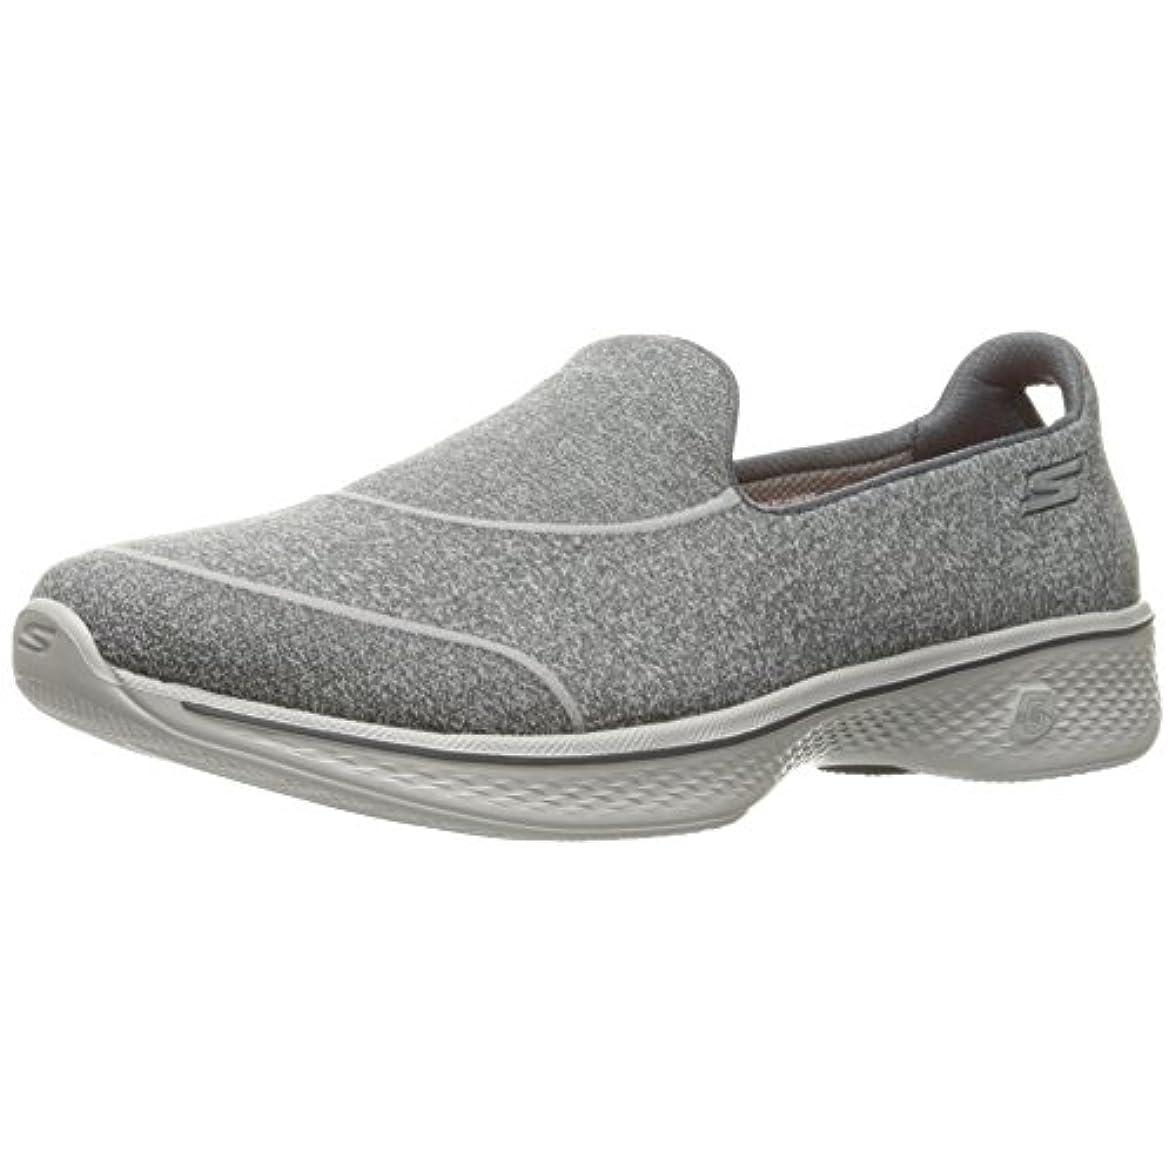 Skechers 14161 Scarpe Da Camminata Donna Black white